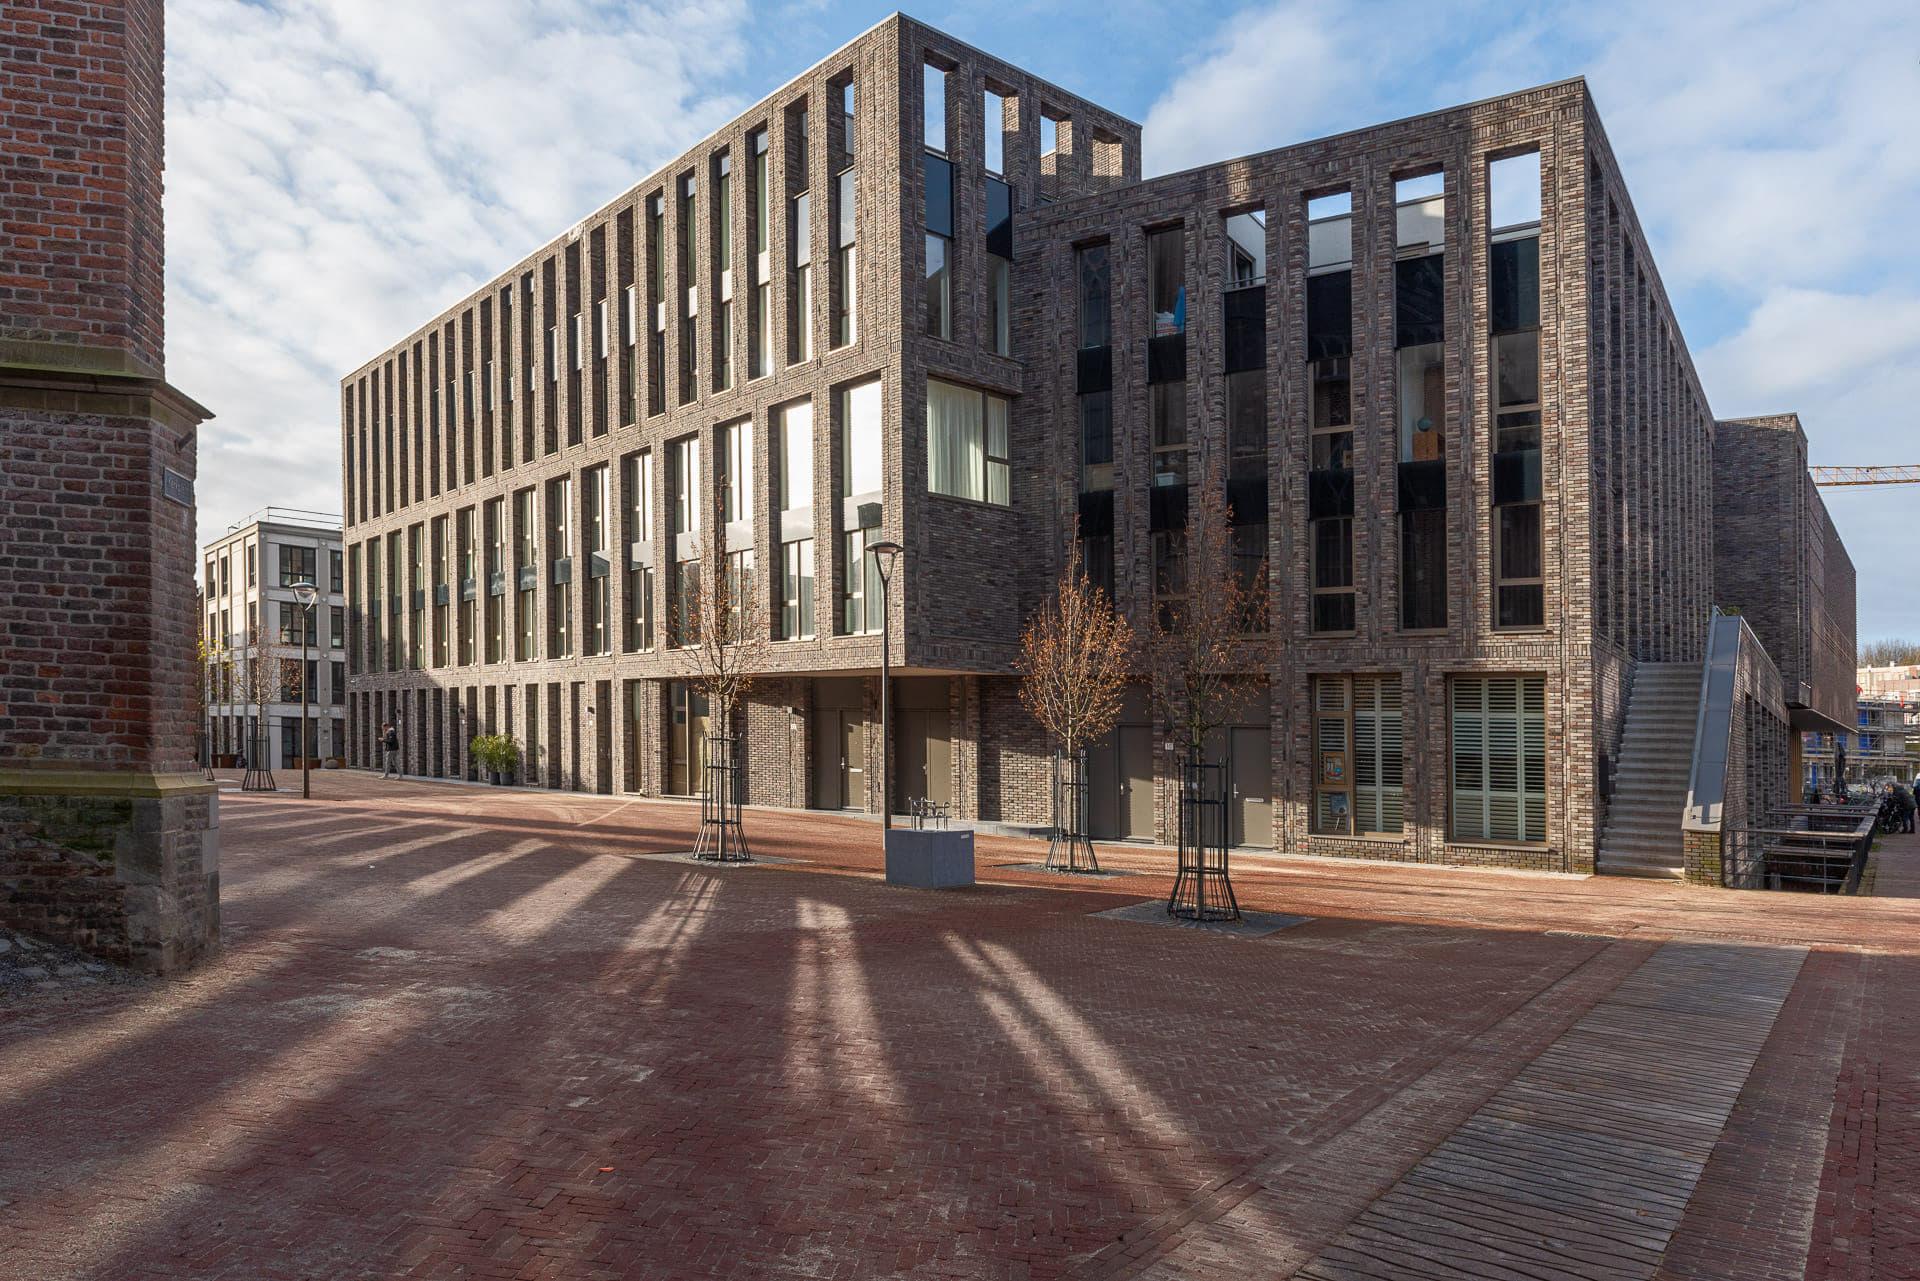 zijaanzicht van een grote partij ramen en lijnen in de gevel met op de voorgrond een plein